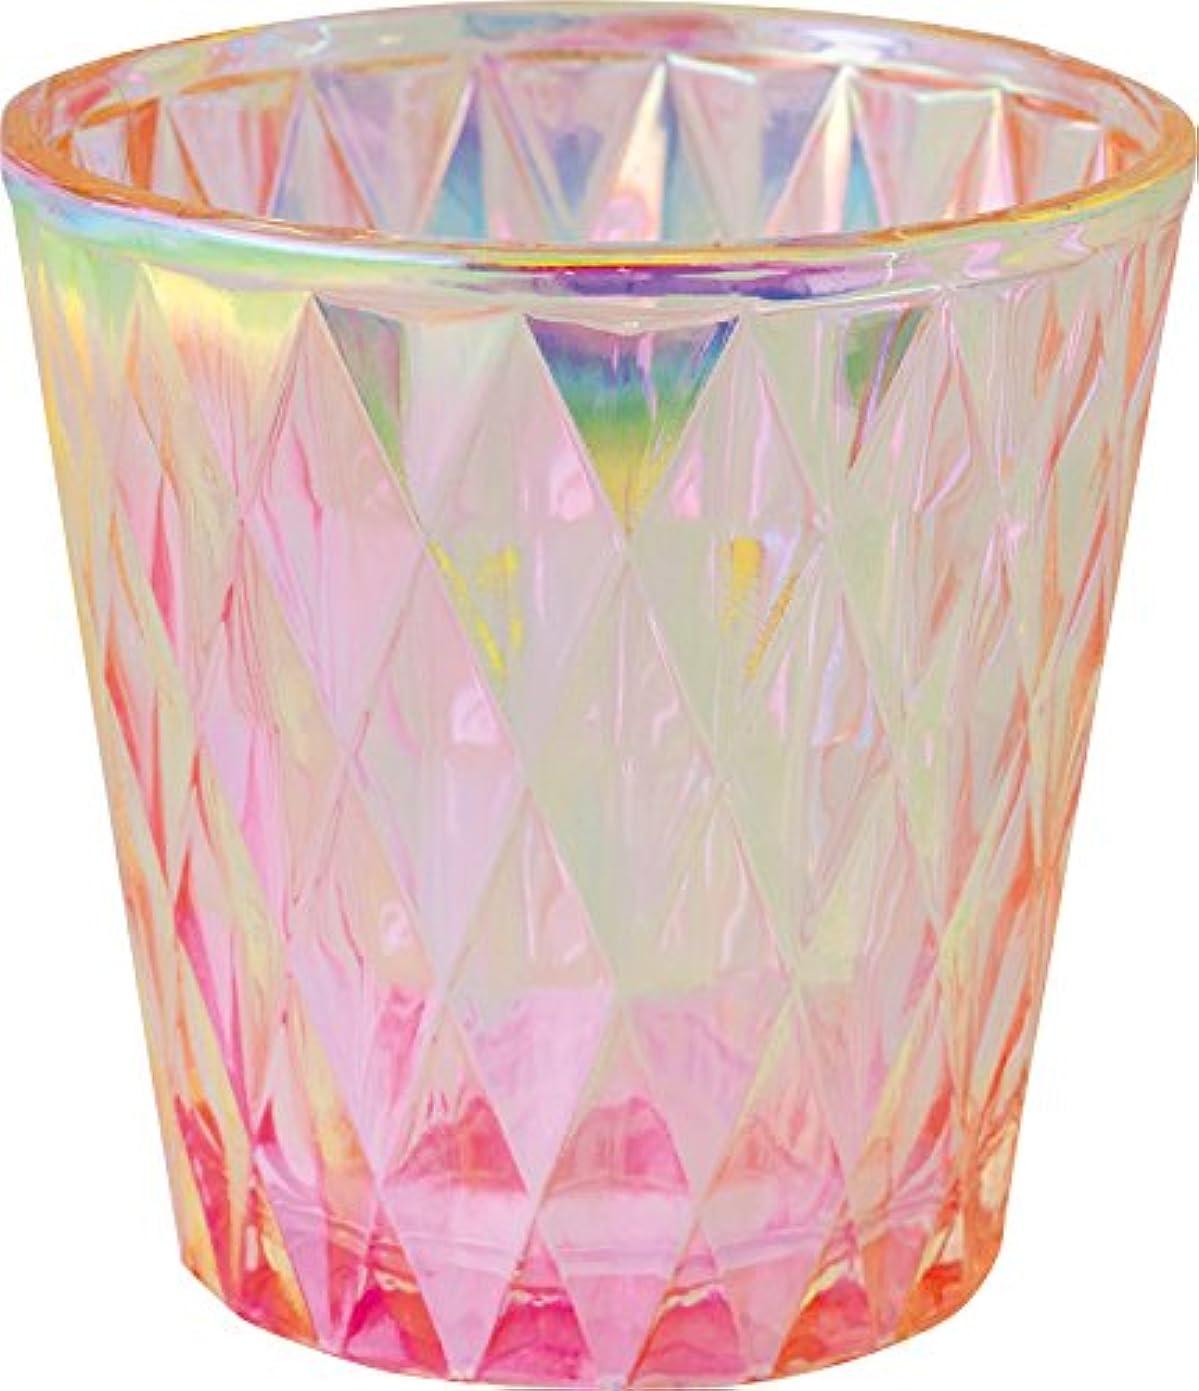 ヘッジ廊下傀儡カメヤマキャンドルハウス オーロラダイヤグラス キャンドルフォルダー ピンク